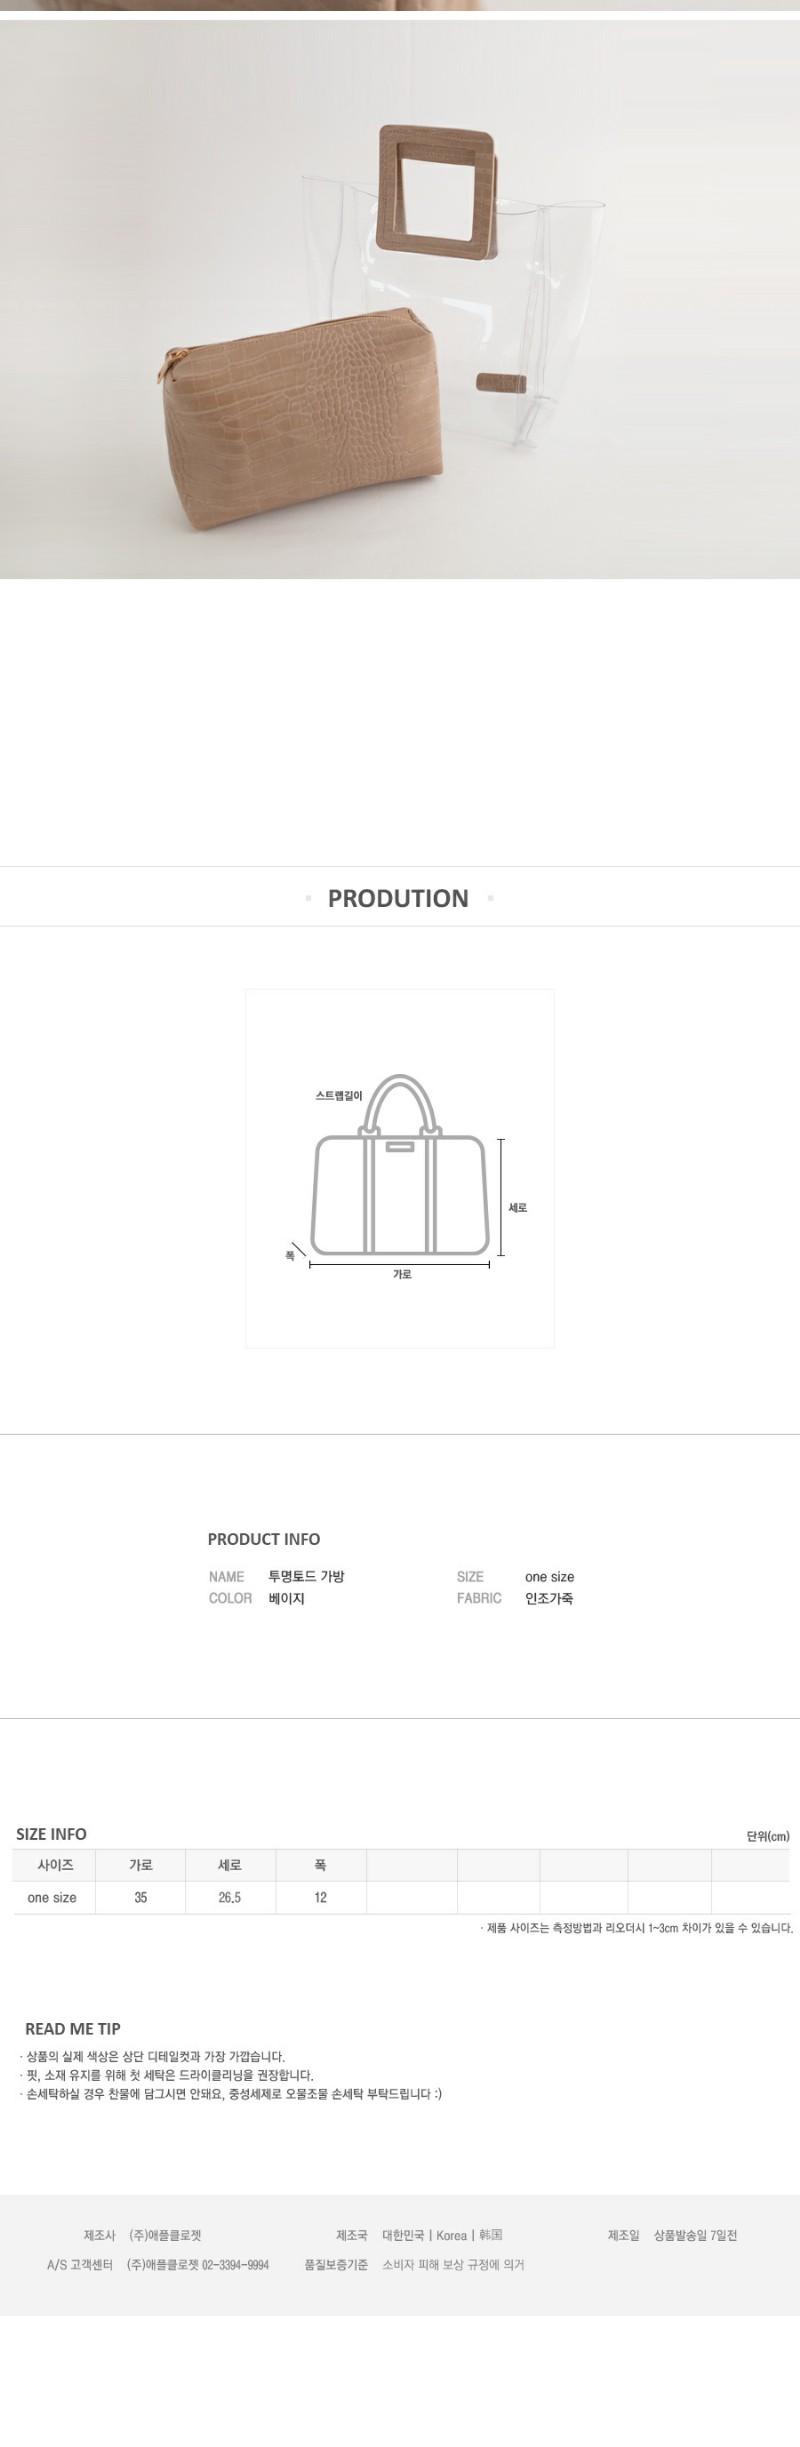 Transparent todd bag